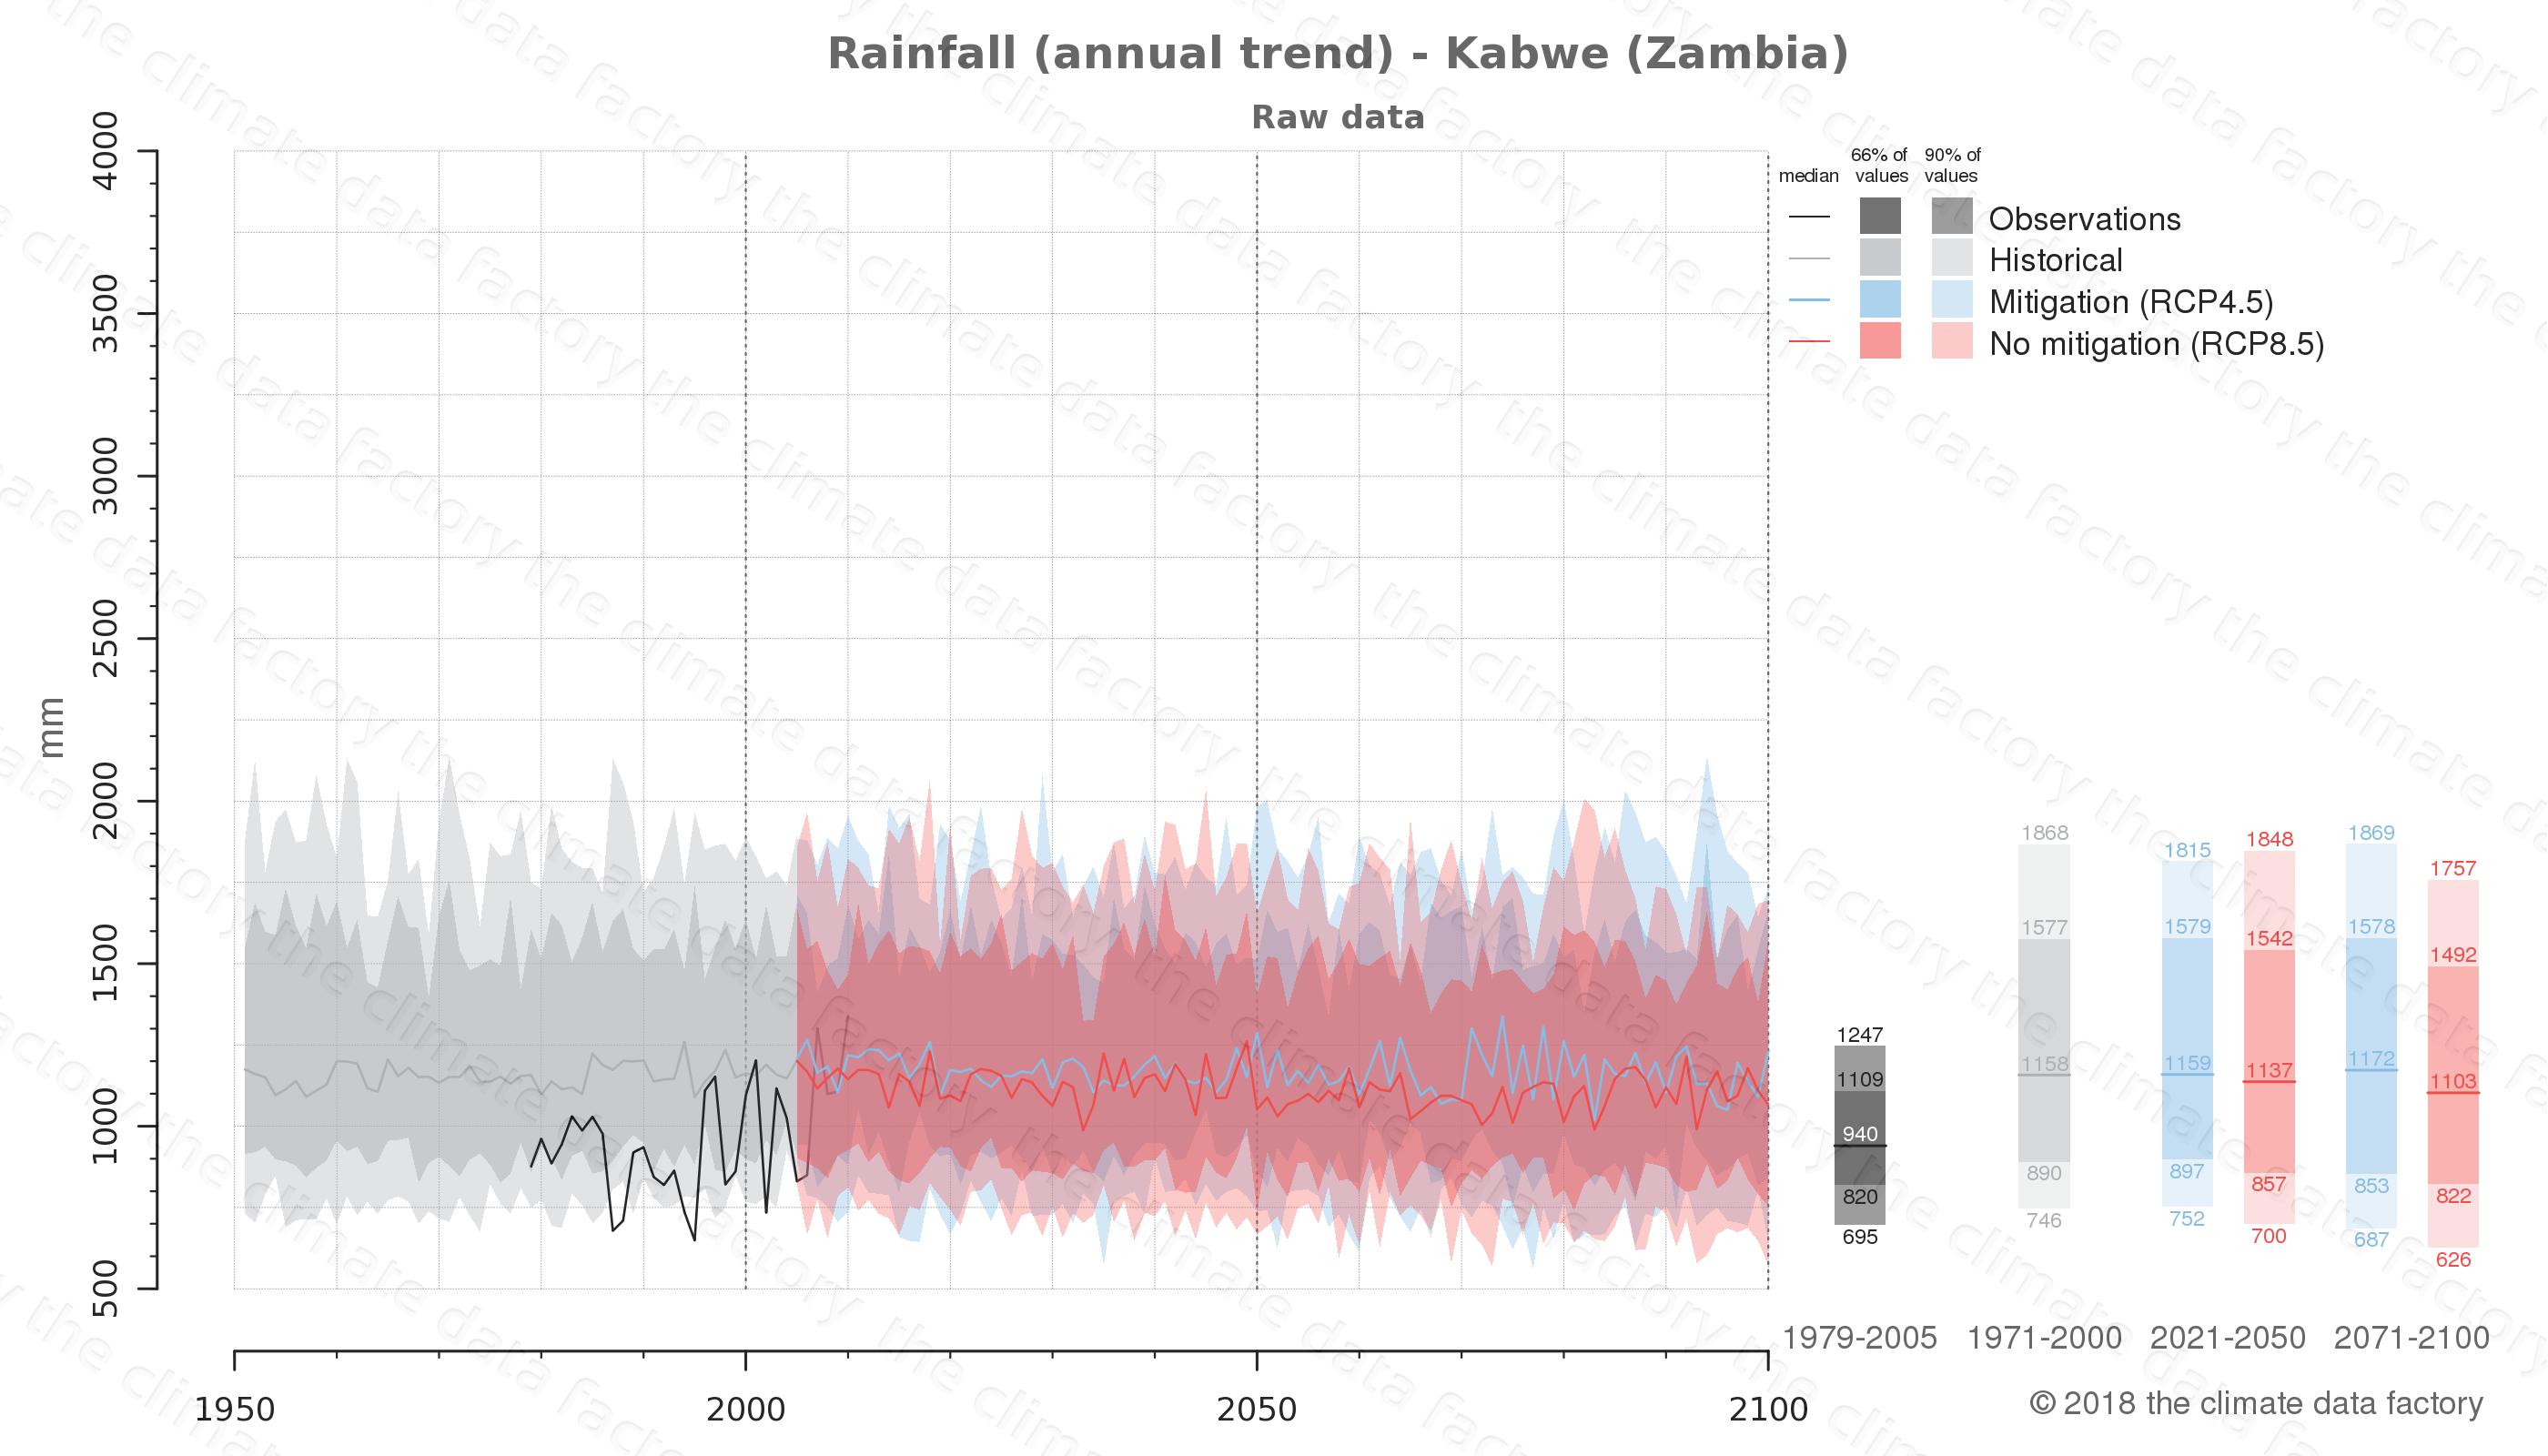 climate change data policy adaptation climate graph city data rainfall kabwe zambia